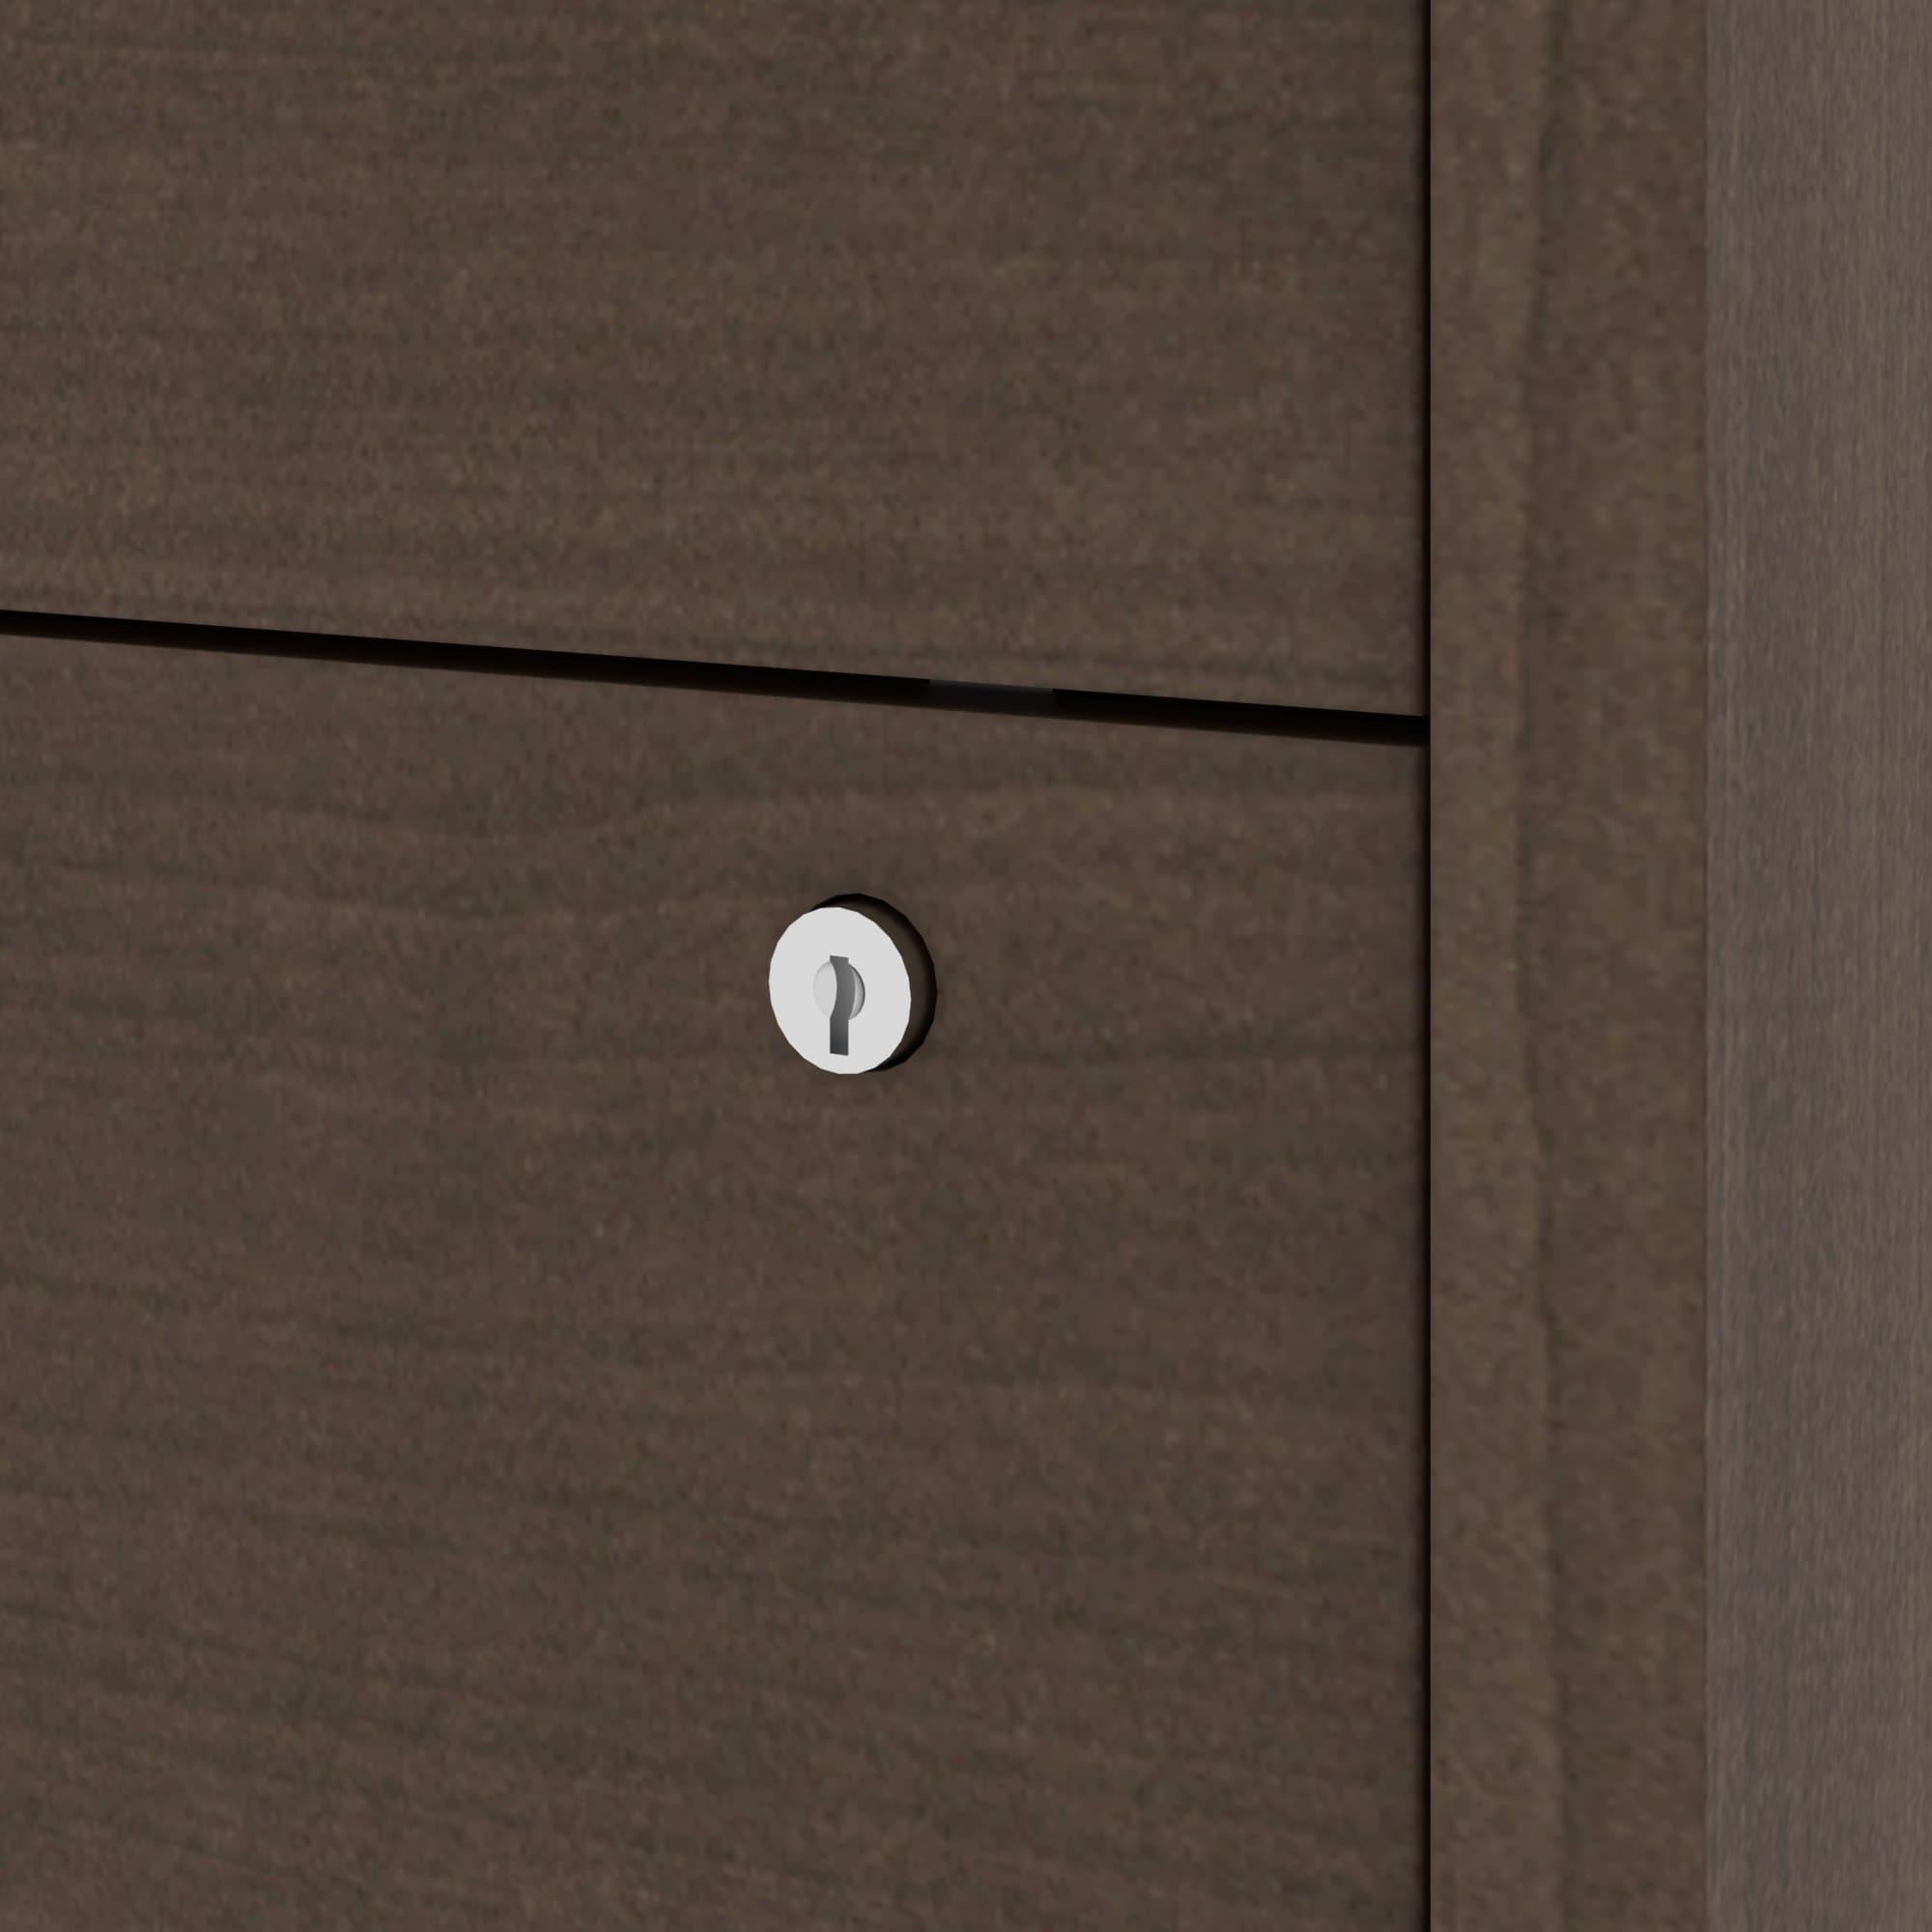 Shop Black Friday Deals On Bestar Gemma Lateral File Cabinet Overstock 30269975